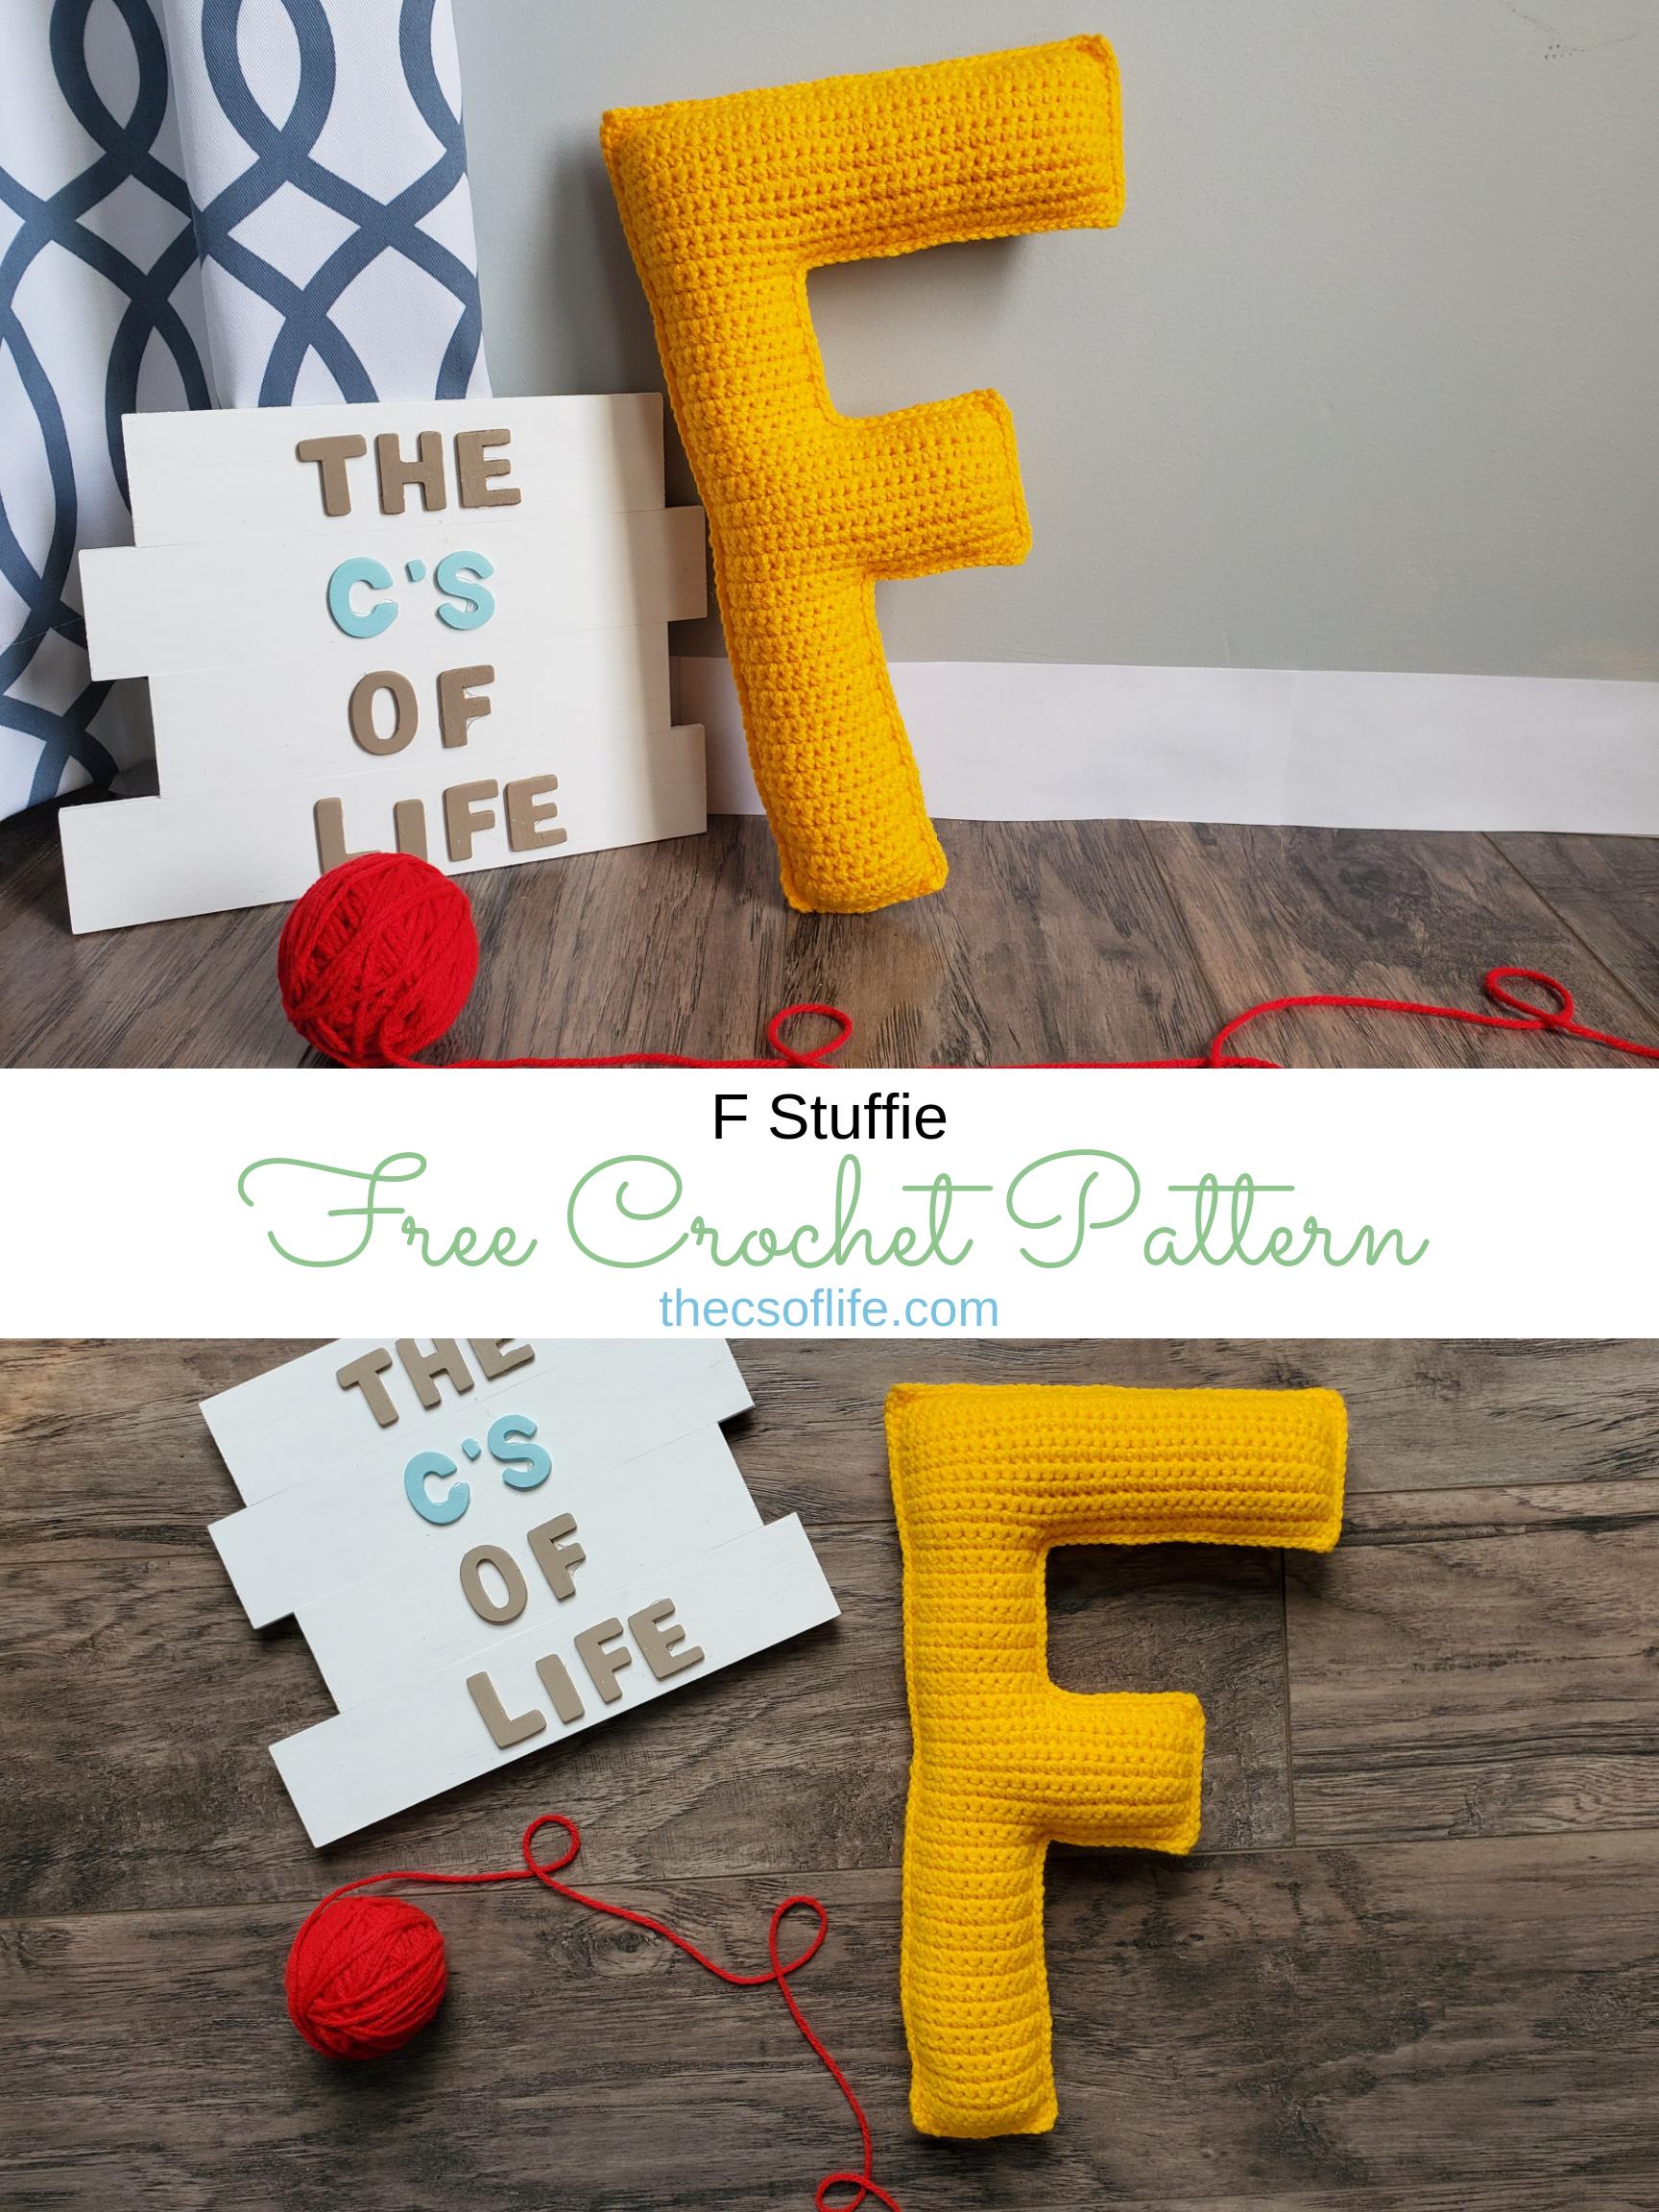 F Stuffie - Free Crochet Pattern